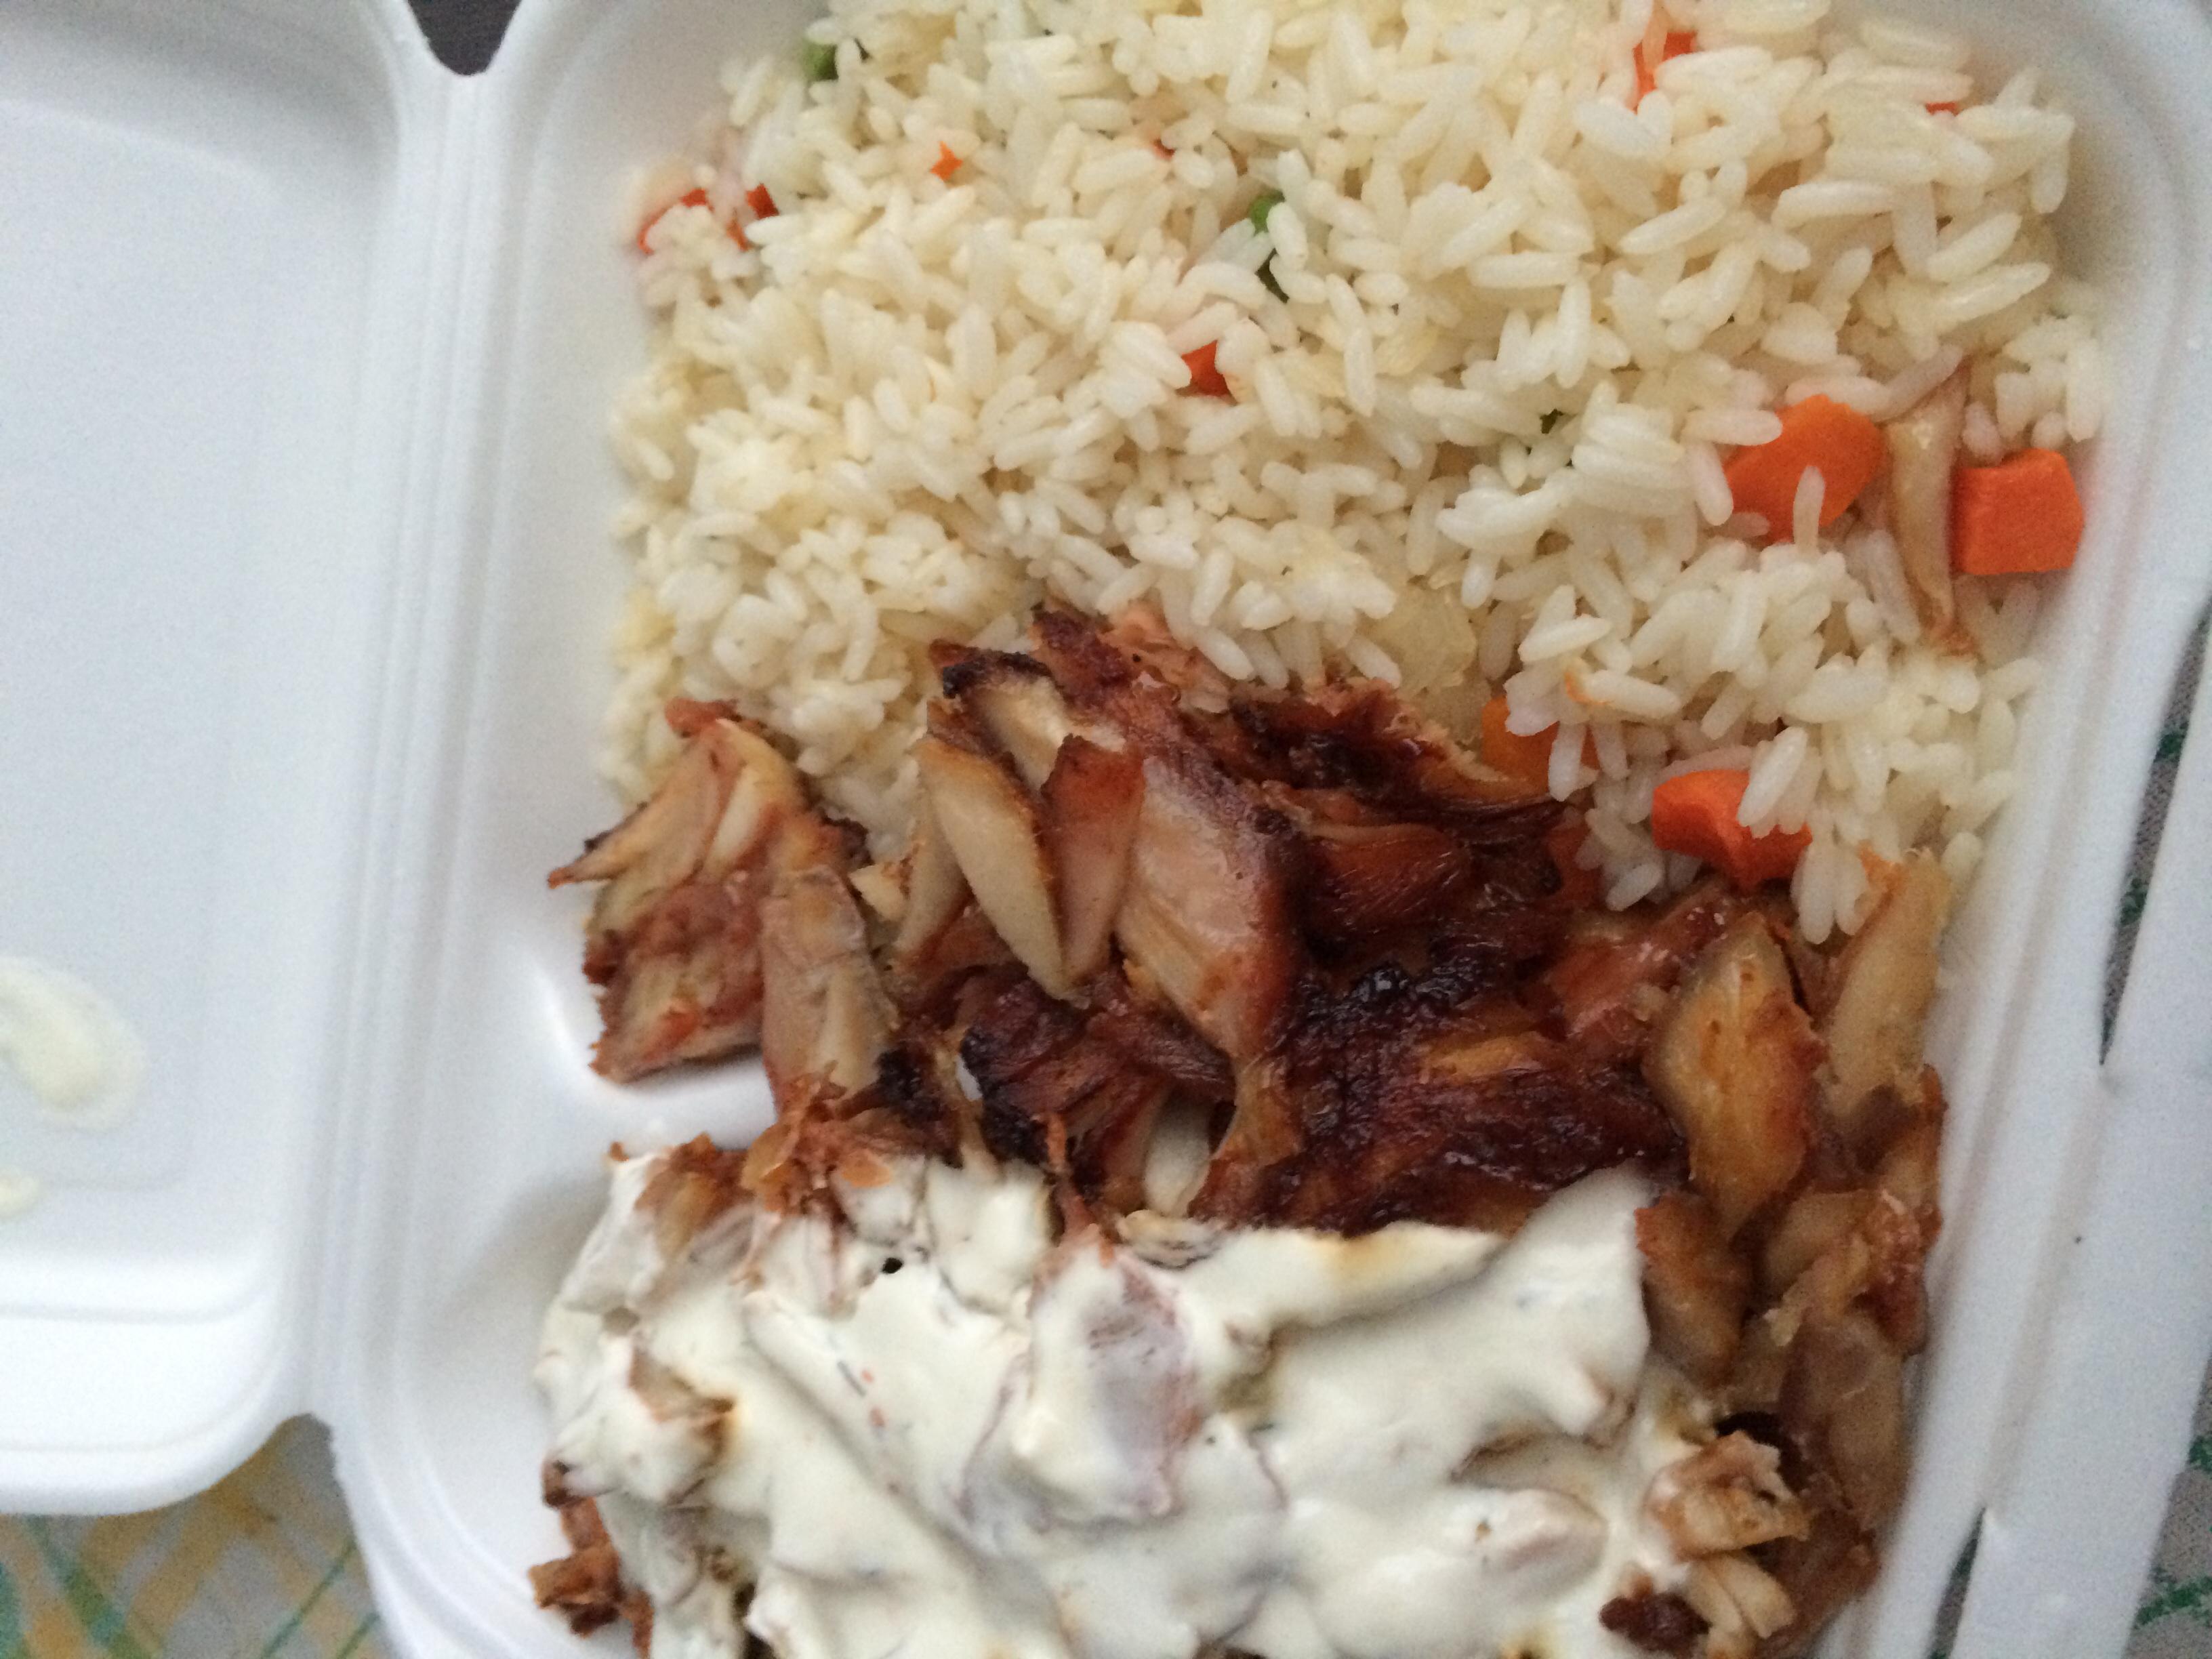 http://foodloader.net/toniy0_2014-07-07_D__nerteller_mit_Reis_.jpg